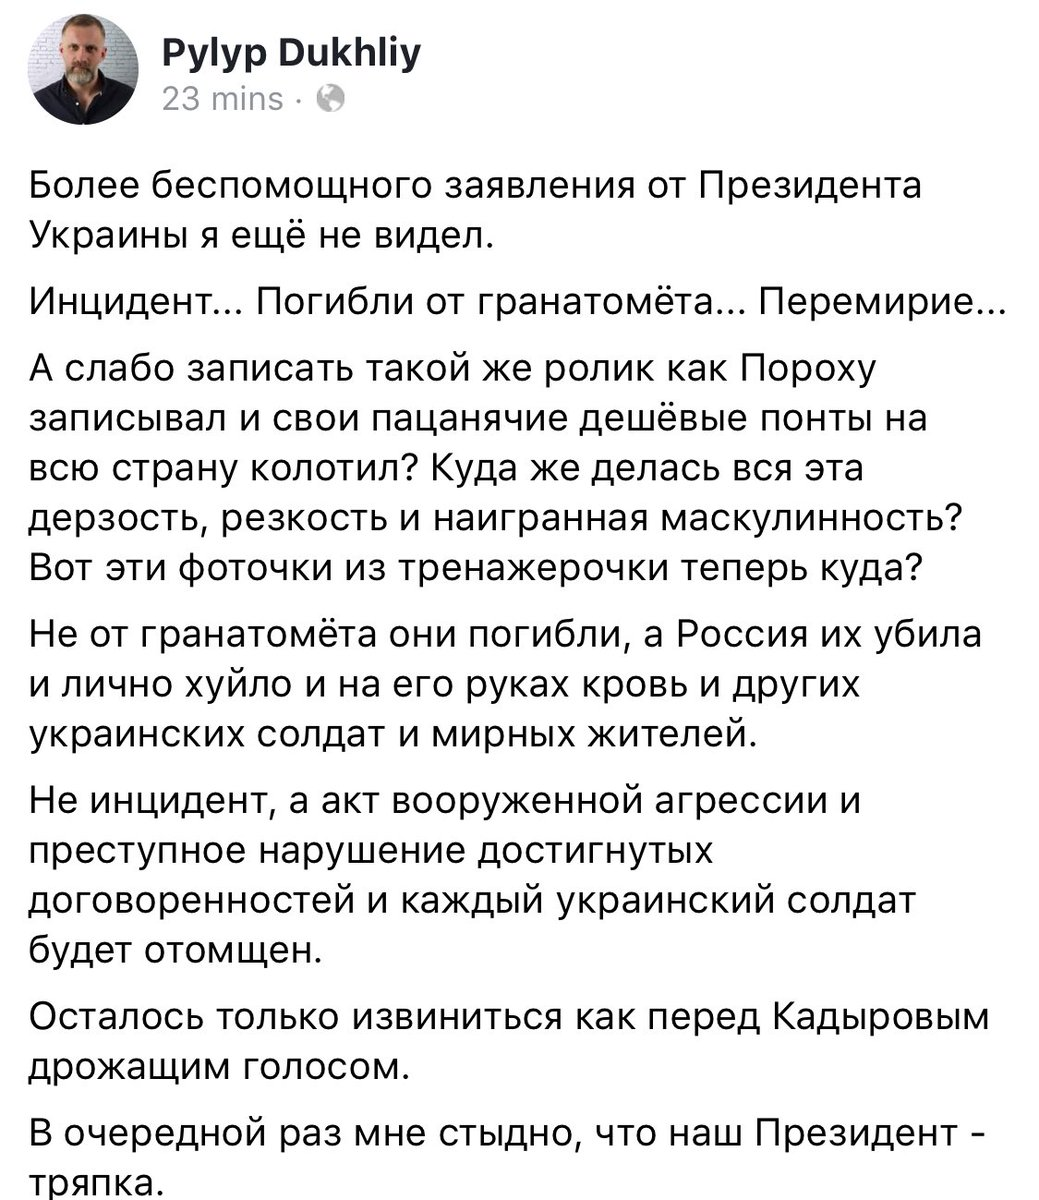 """Коли двоє терористів """"ЛНР"""" заходять до нас і спокійно повертаються до себе - це безсилля держави, - Кулеба - Цензор.НЕТ 2880"""